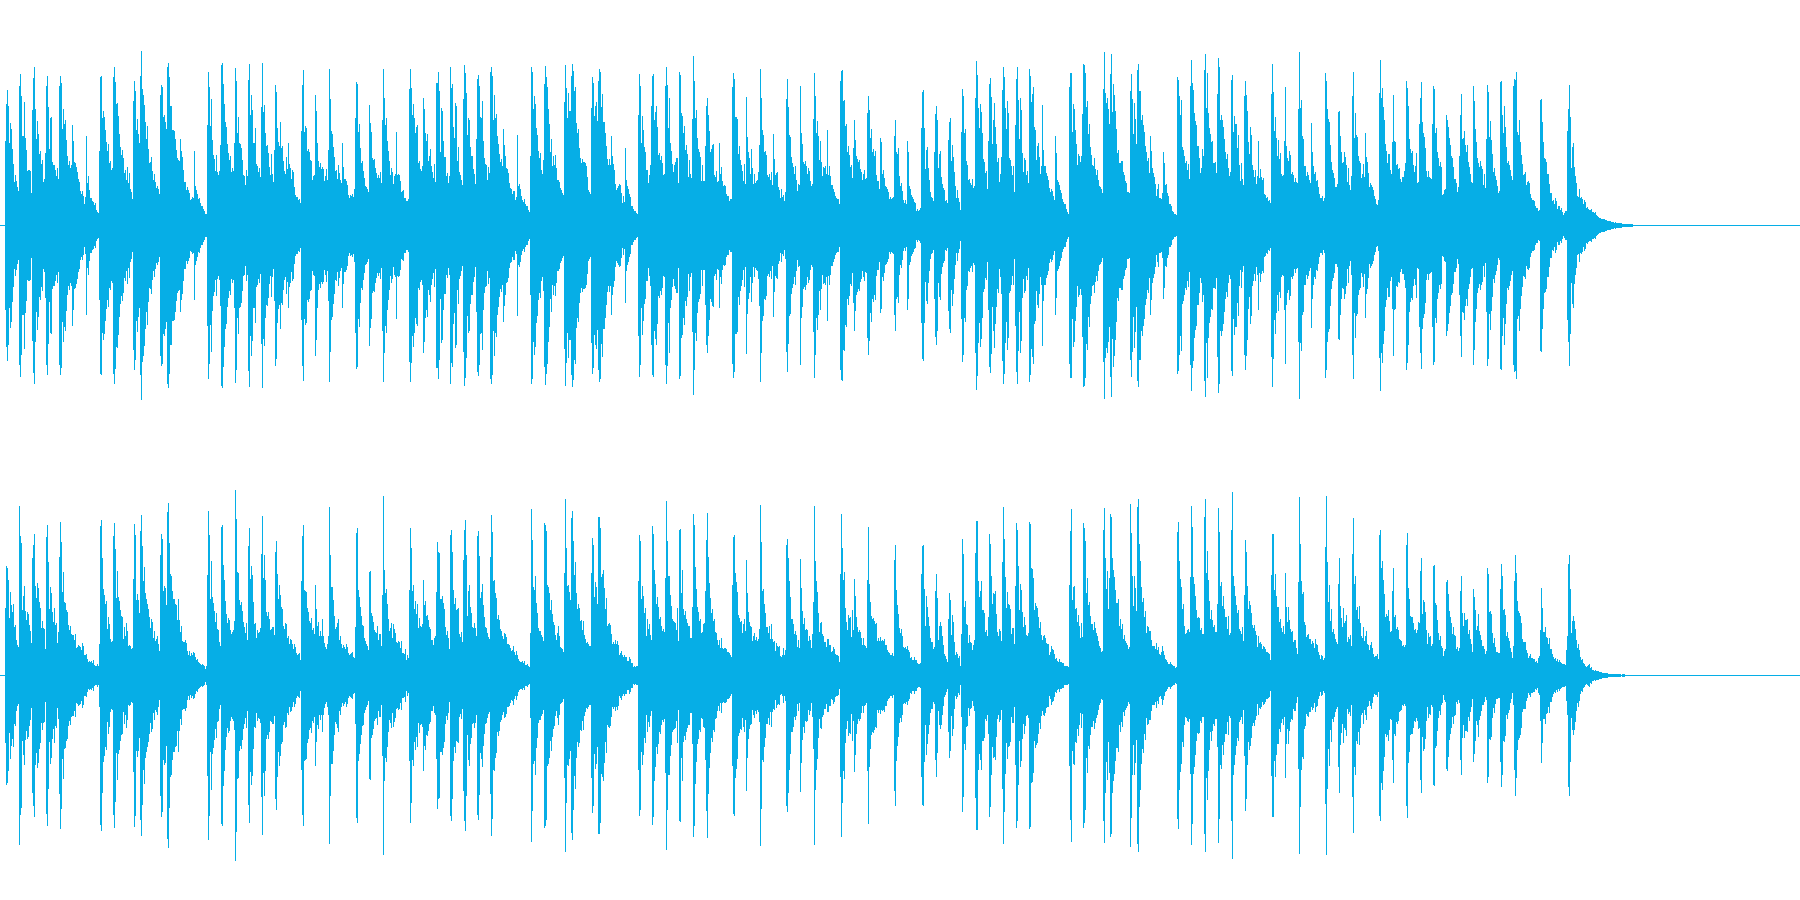 オルゴールがメルヘンへと誘う神秘的なBGの再生済みの波形